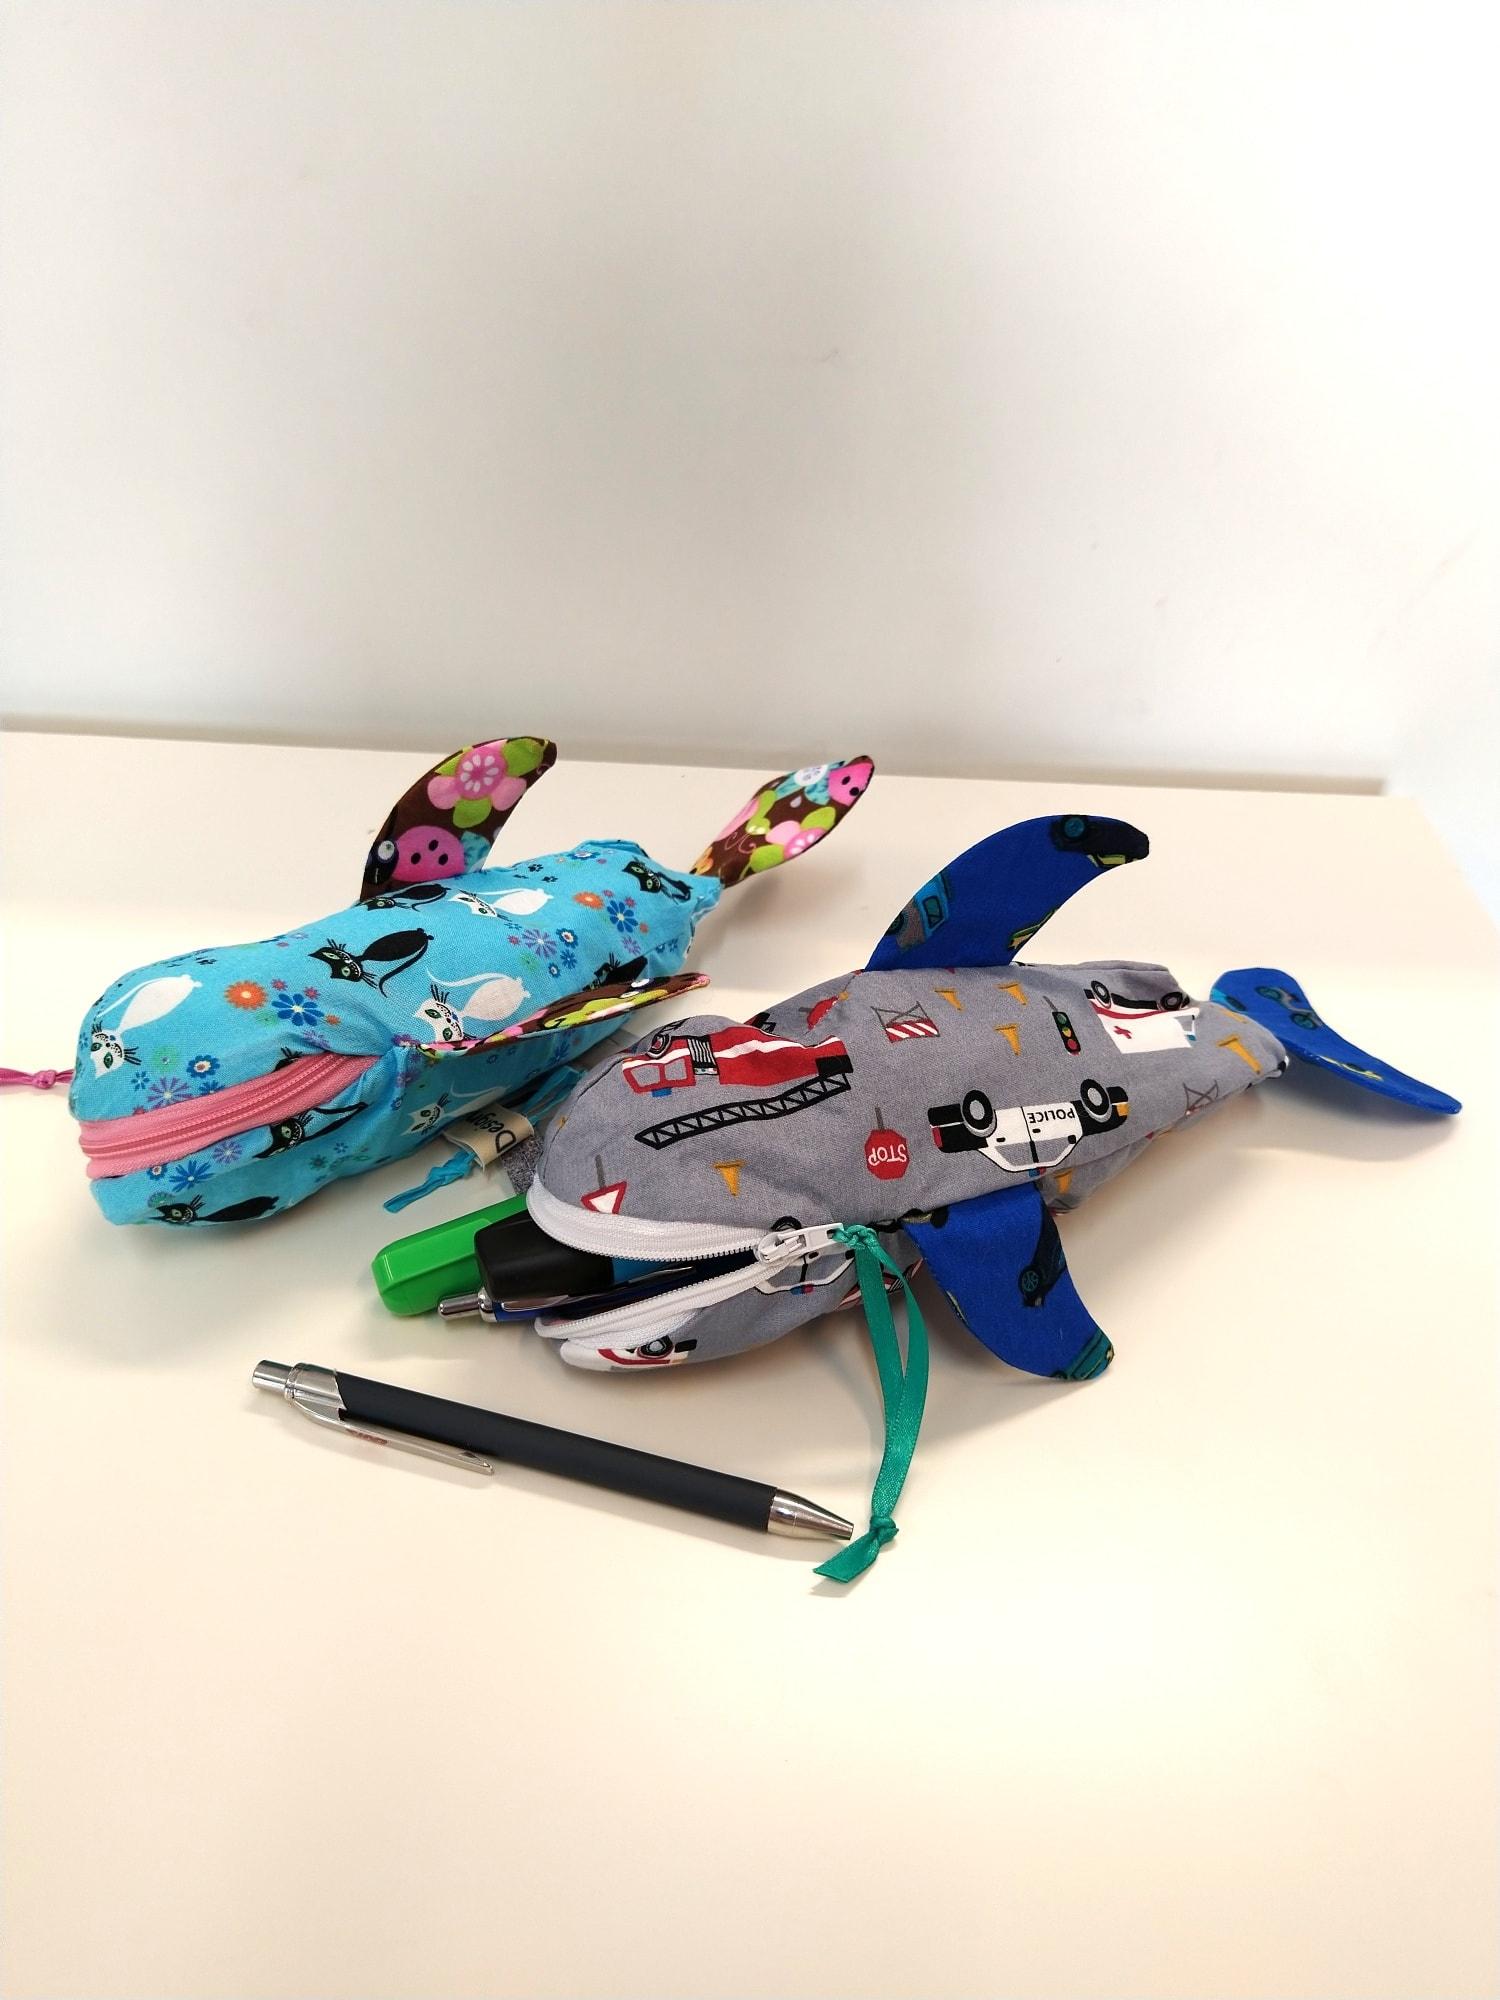 Federpenal in Form eines Hais mit Zip am Maul in verschiedenen Farben vom Geschäft Zwergenstadt in Klagenfurt, Schulartikel zum Schulbeginn Klagenfurt